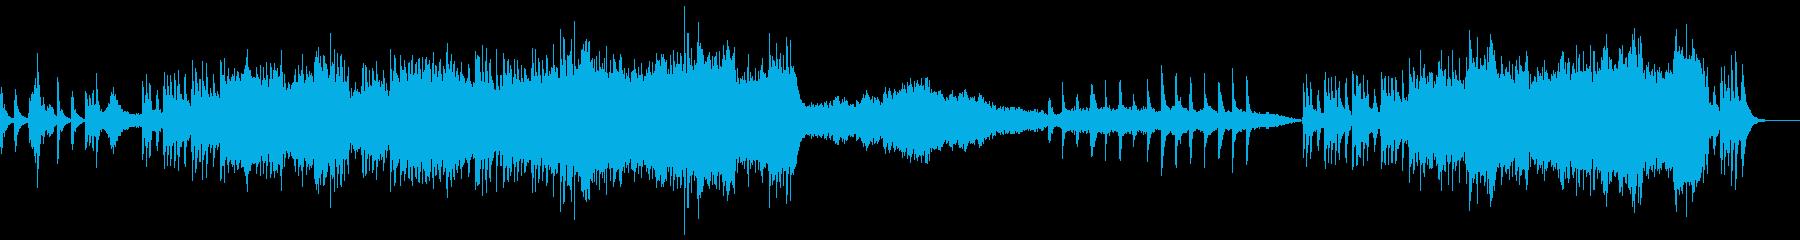 ファンタジックでかわいらしいオーケストラの再生済みの波形